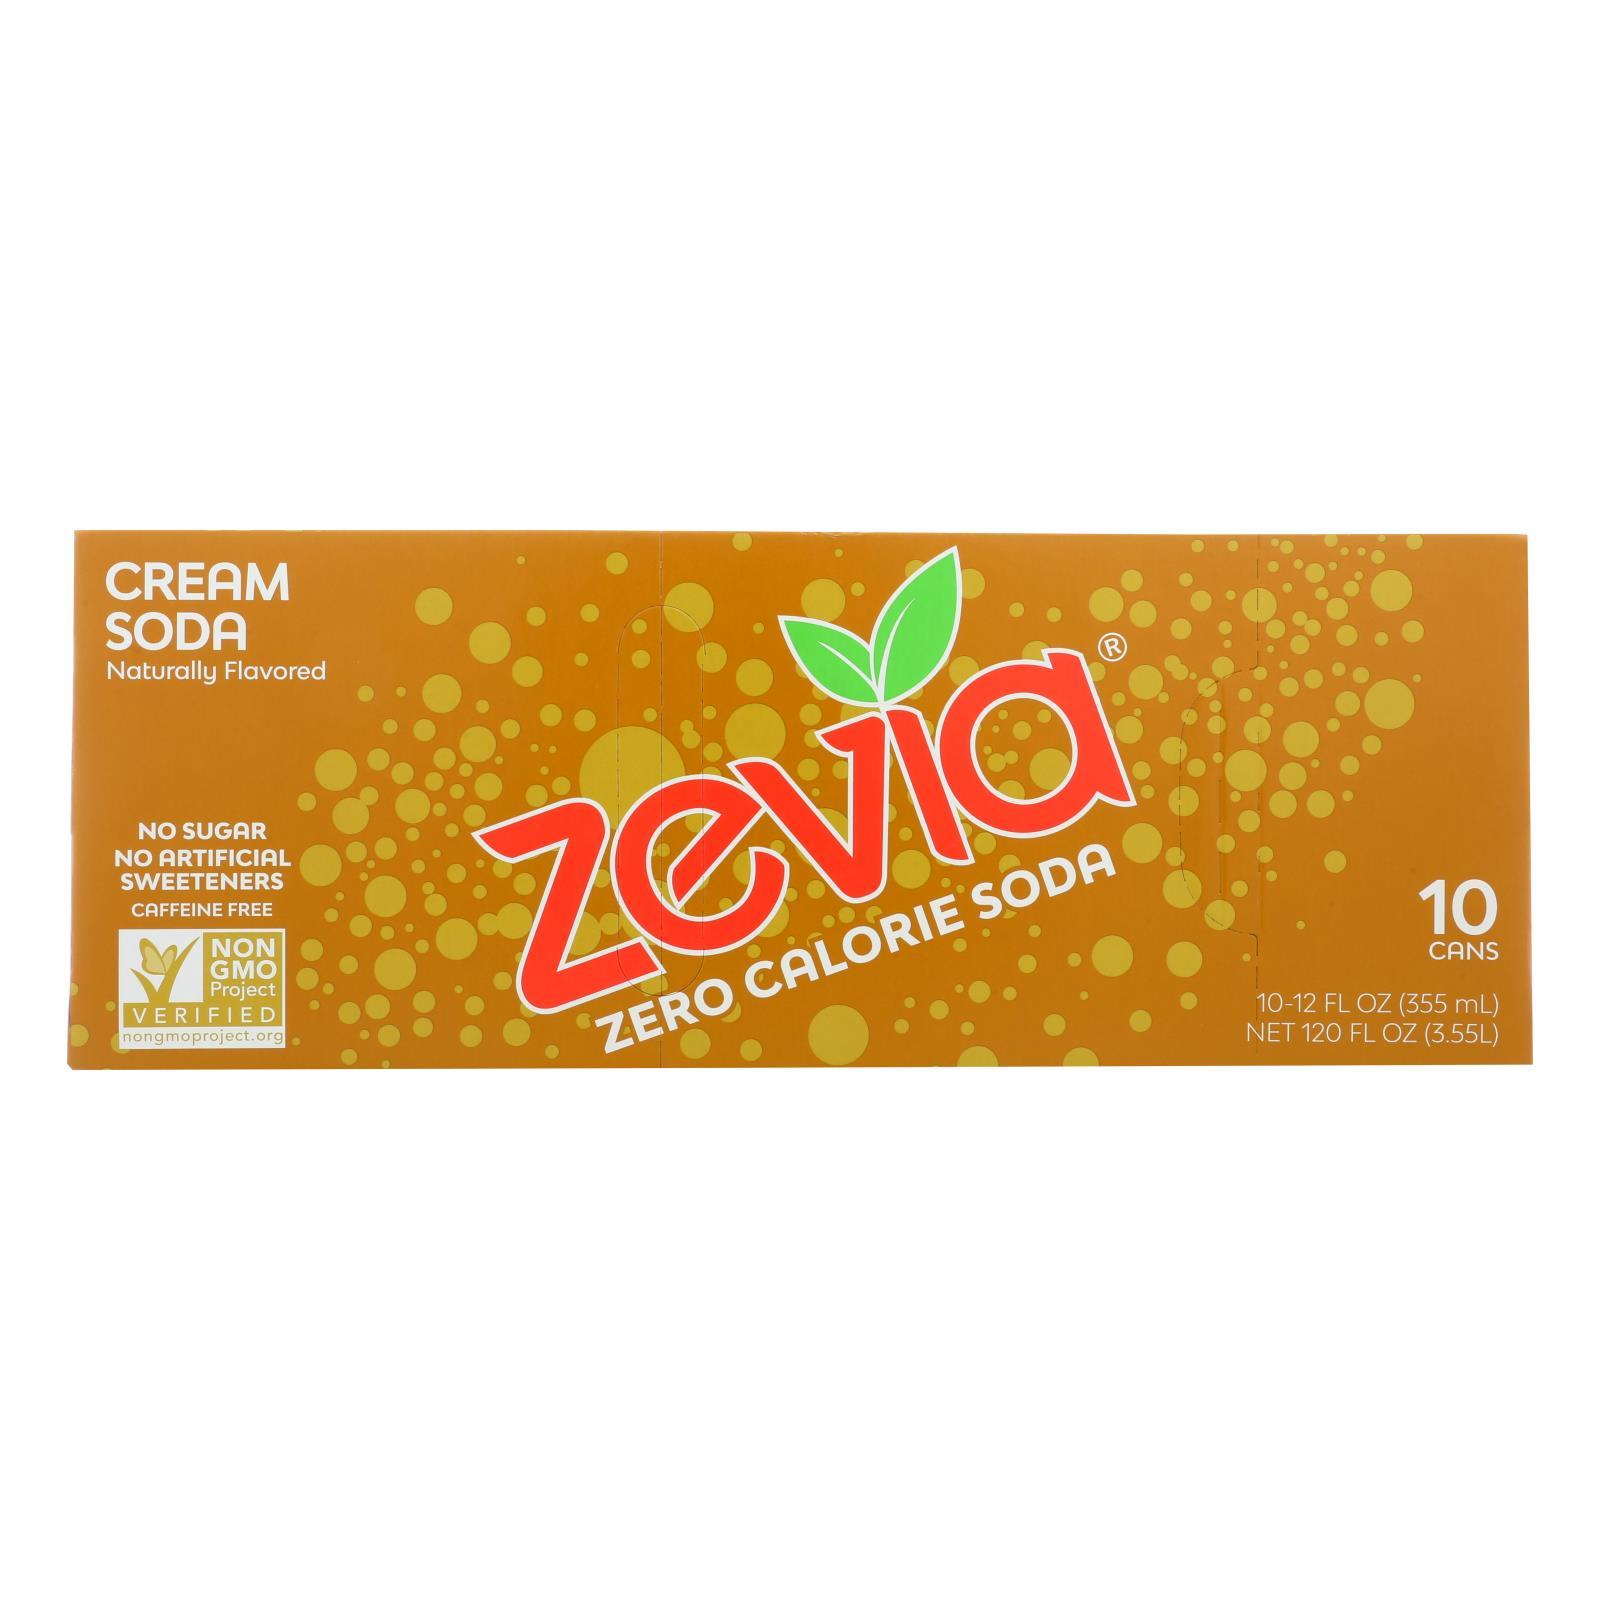 Zevia Zero Calorie Soda - Cream Soda - Case of 2 - 12 Fl oz.